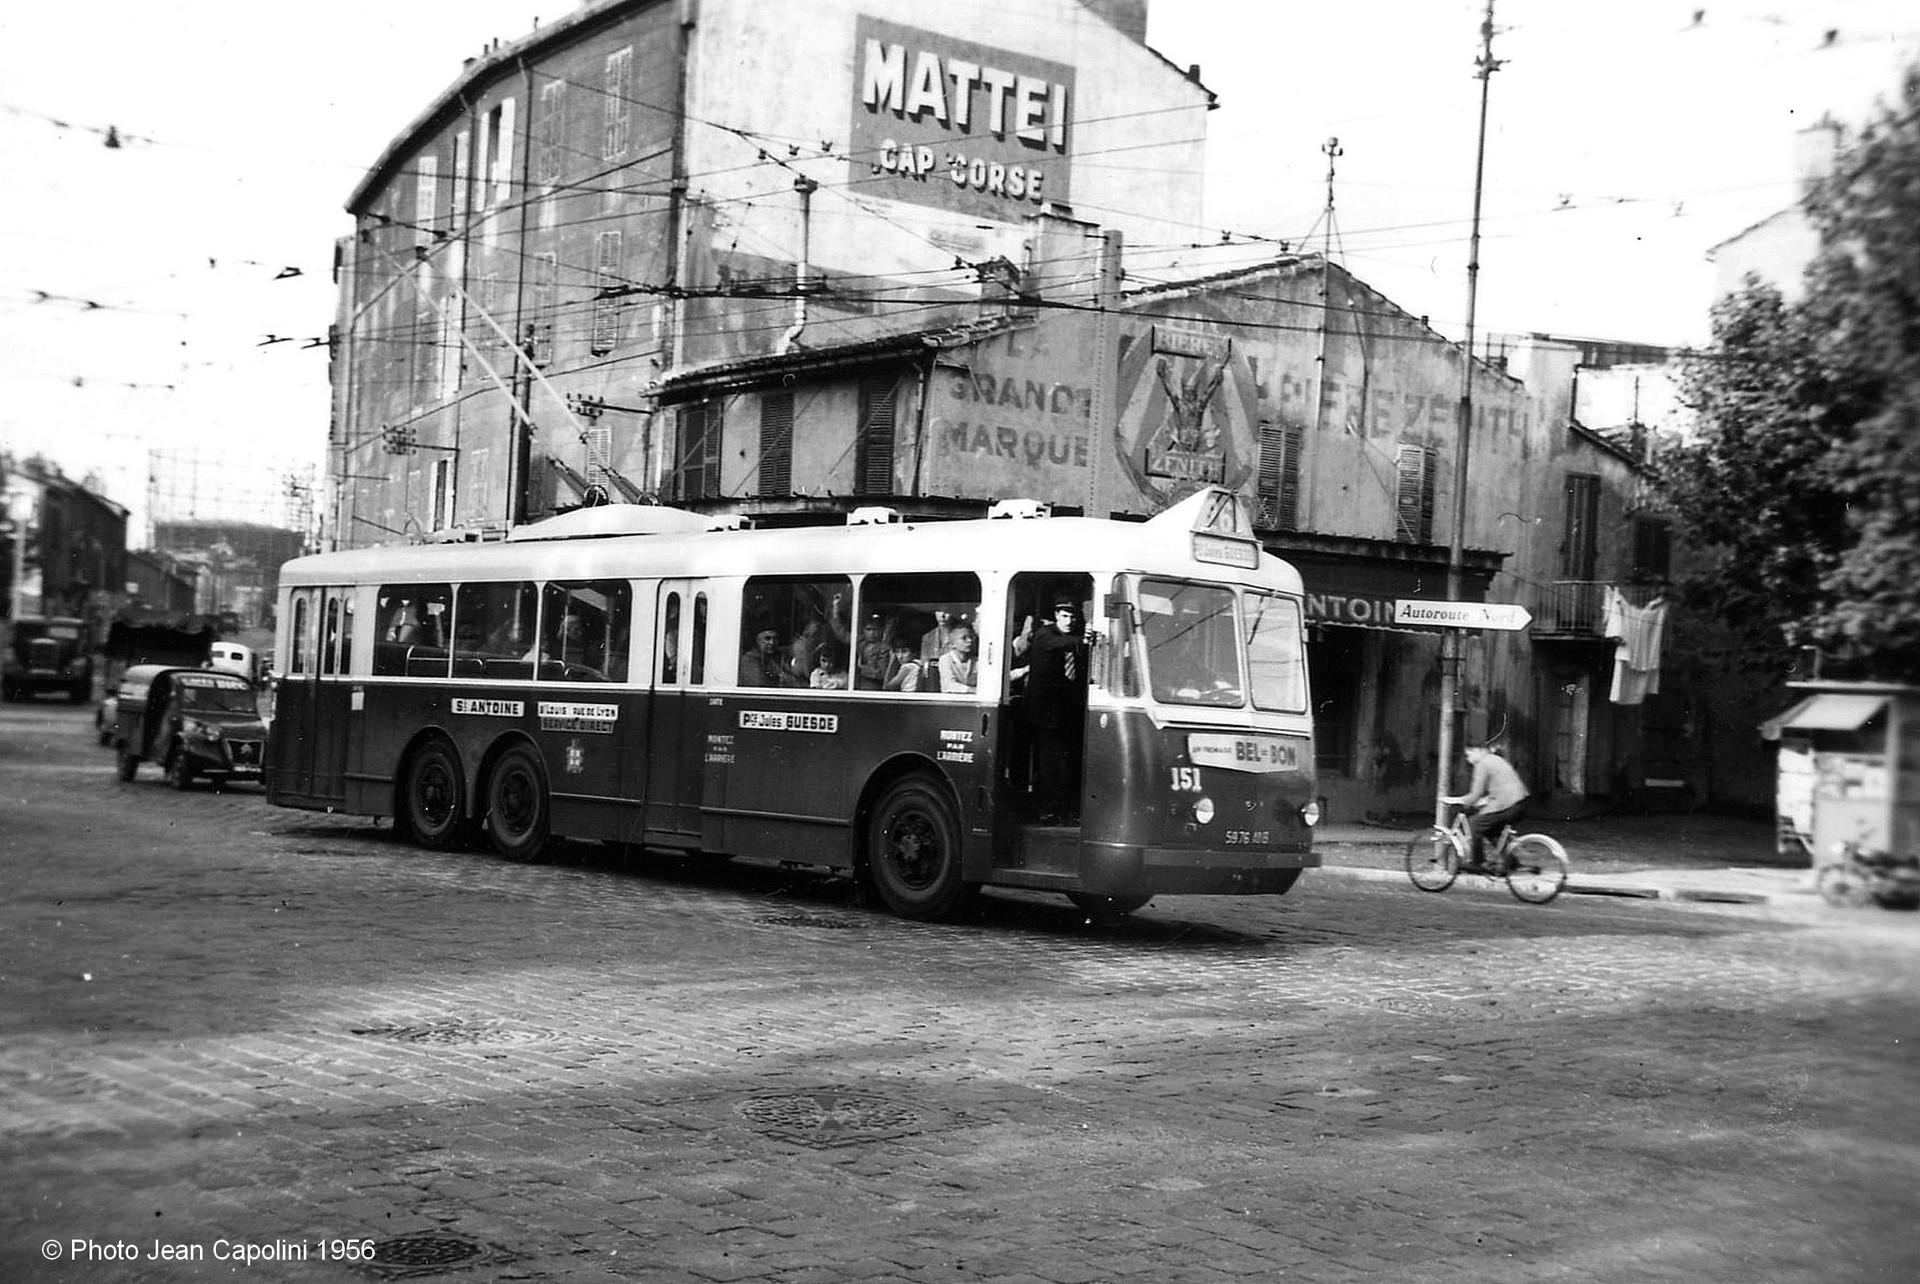 Na snímku ze září 1956 vidíme marseillský vůz ev. č. 151 na lince č. 26 Place St-Antoine – Place Jules Guesde, zde na náměstíCazemajou. (foto: Jean Capolini)